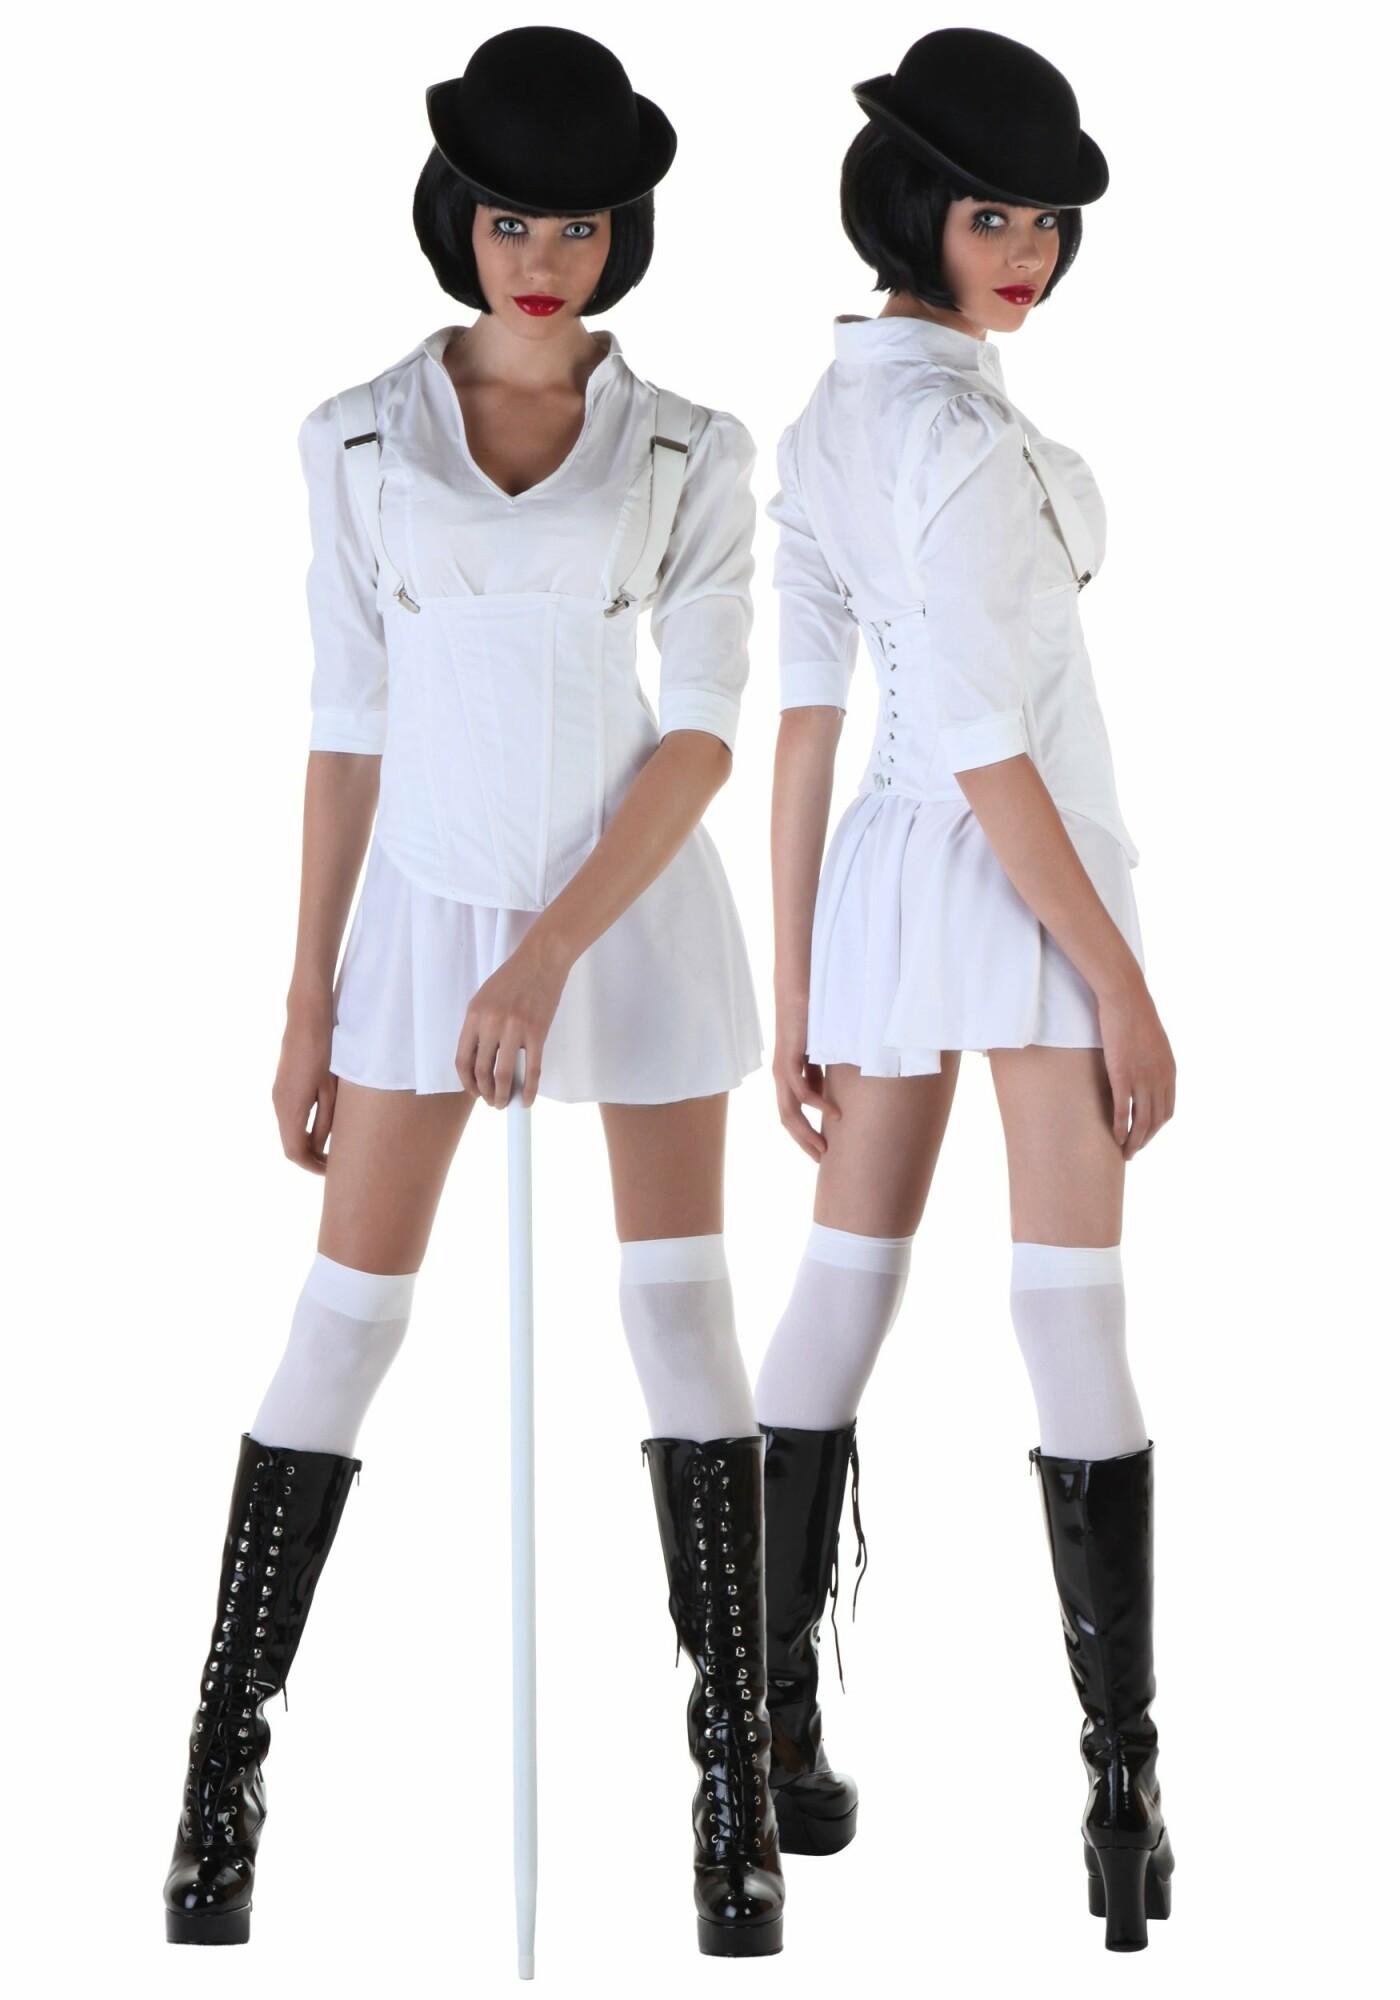 Недорого, но эффектно: как одеться на Хеллоуин без затрат, фото-6